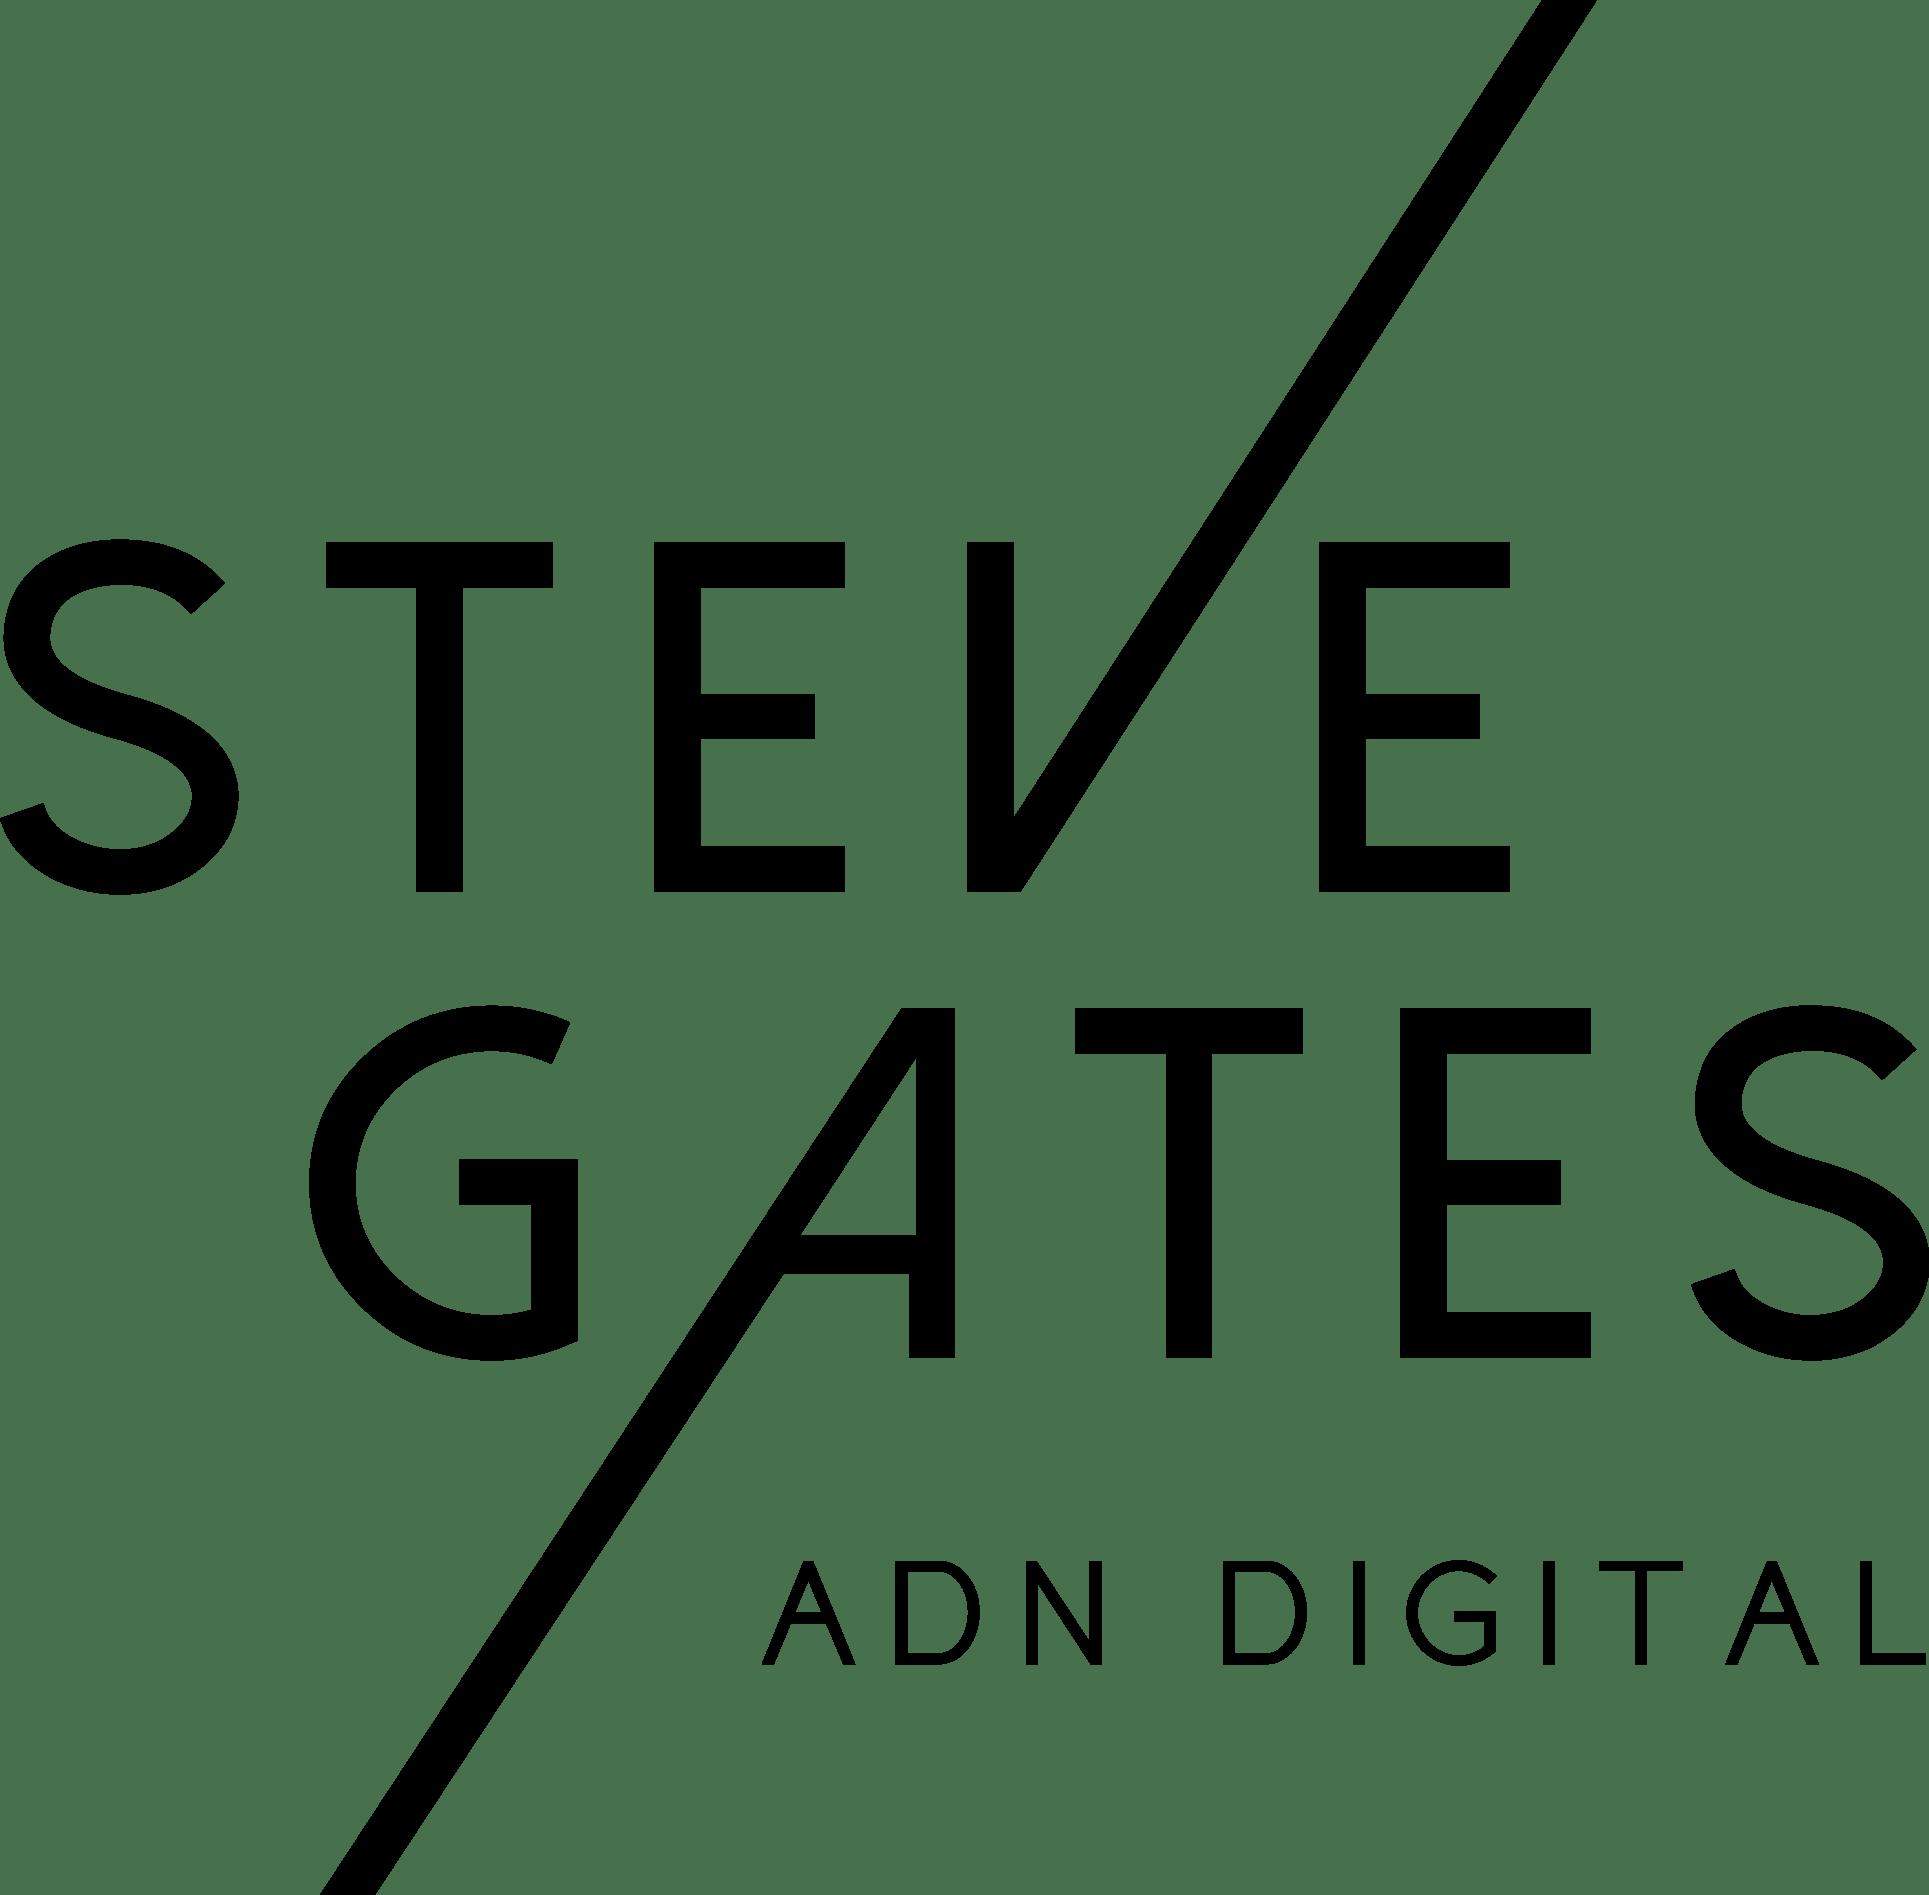 Steve Gates